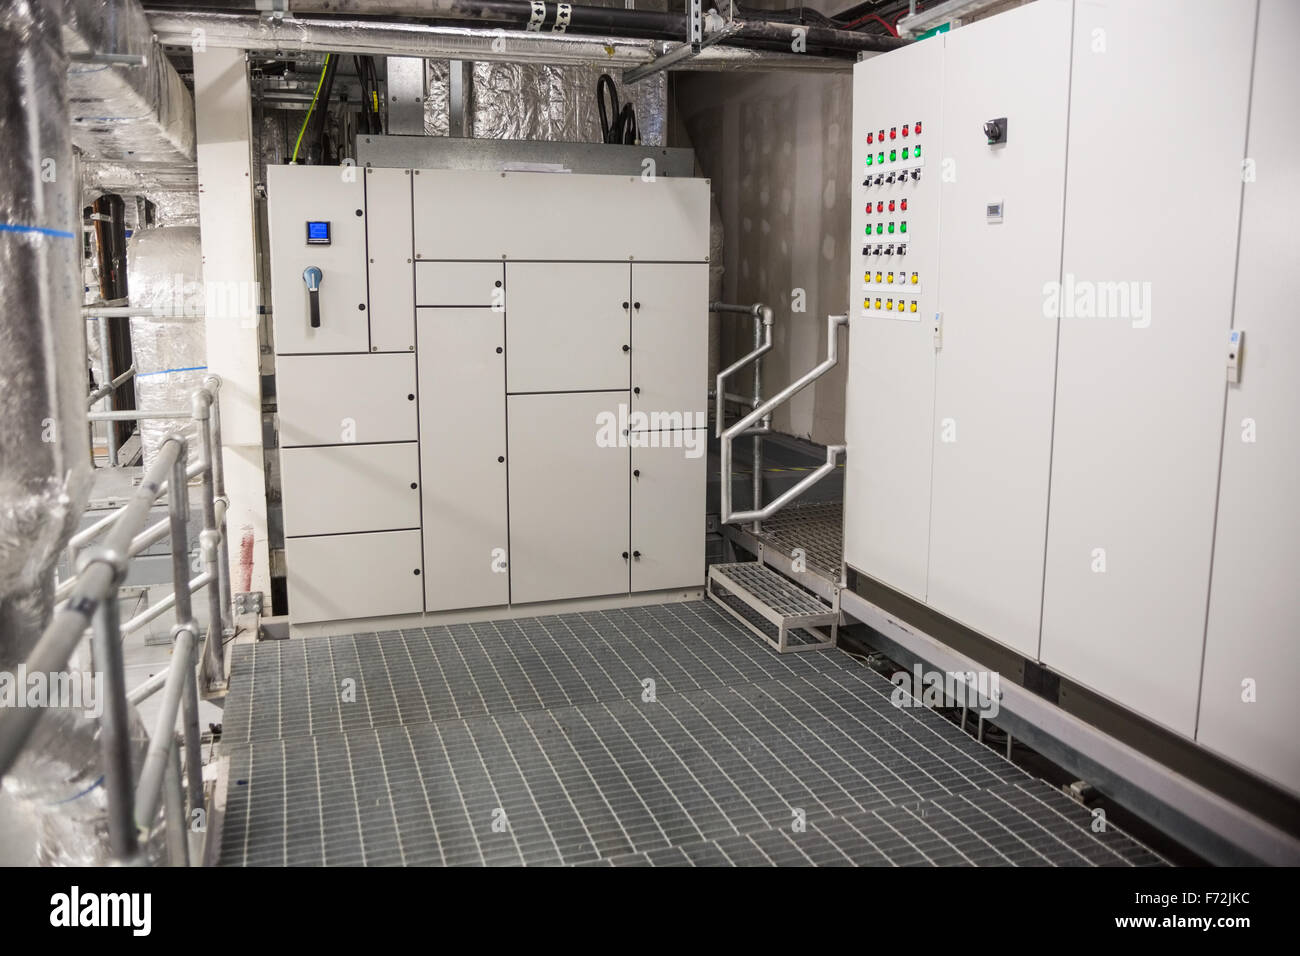 Temperature control room - Stock Image